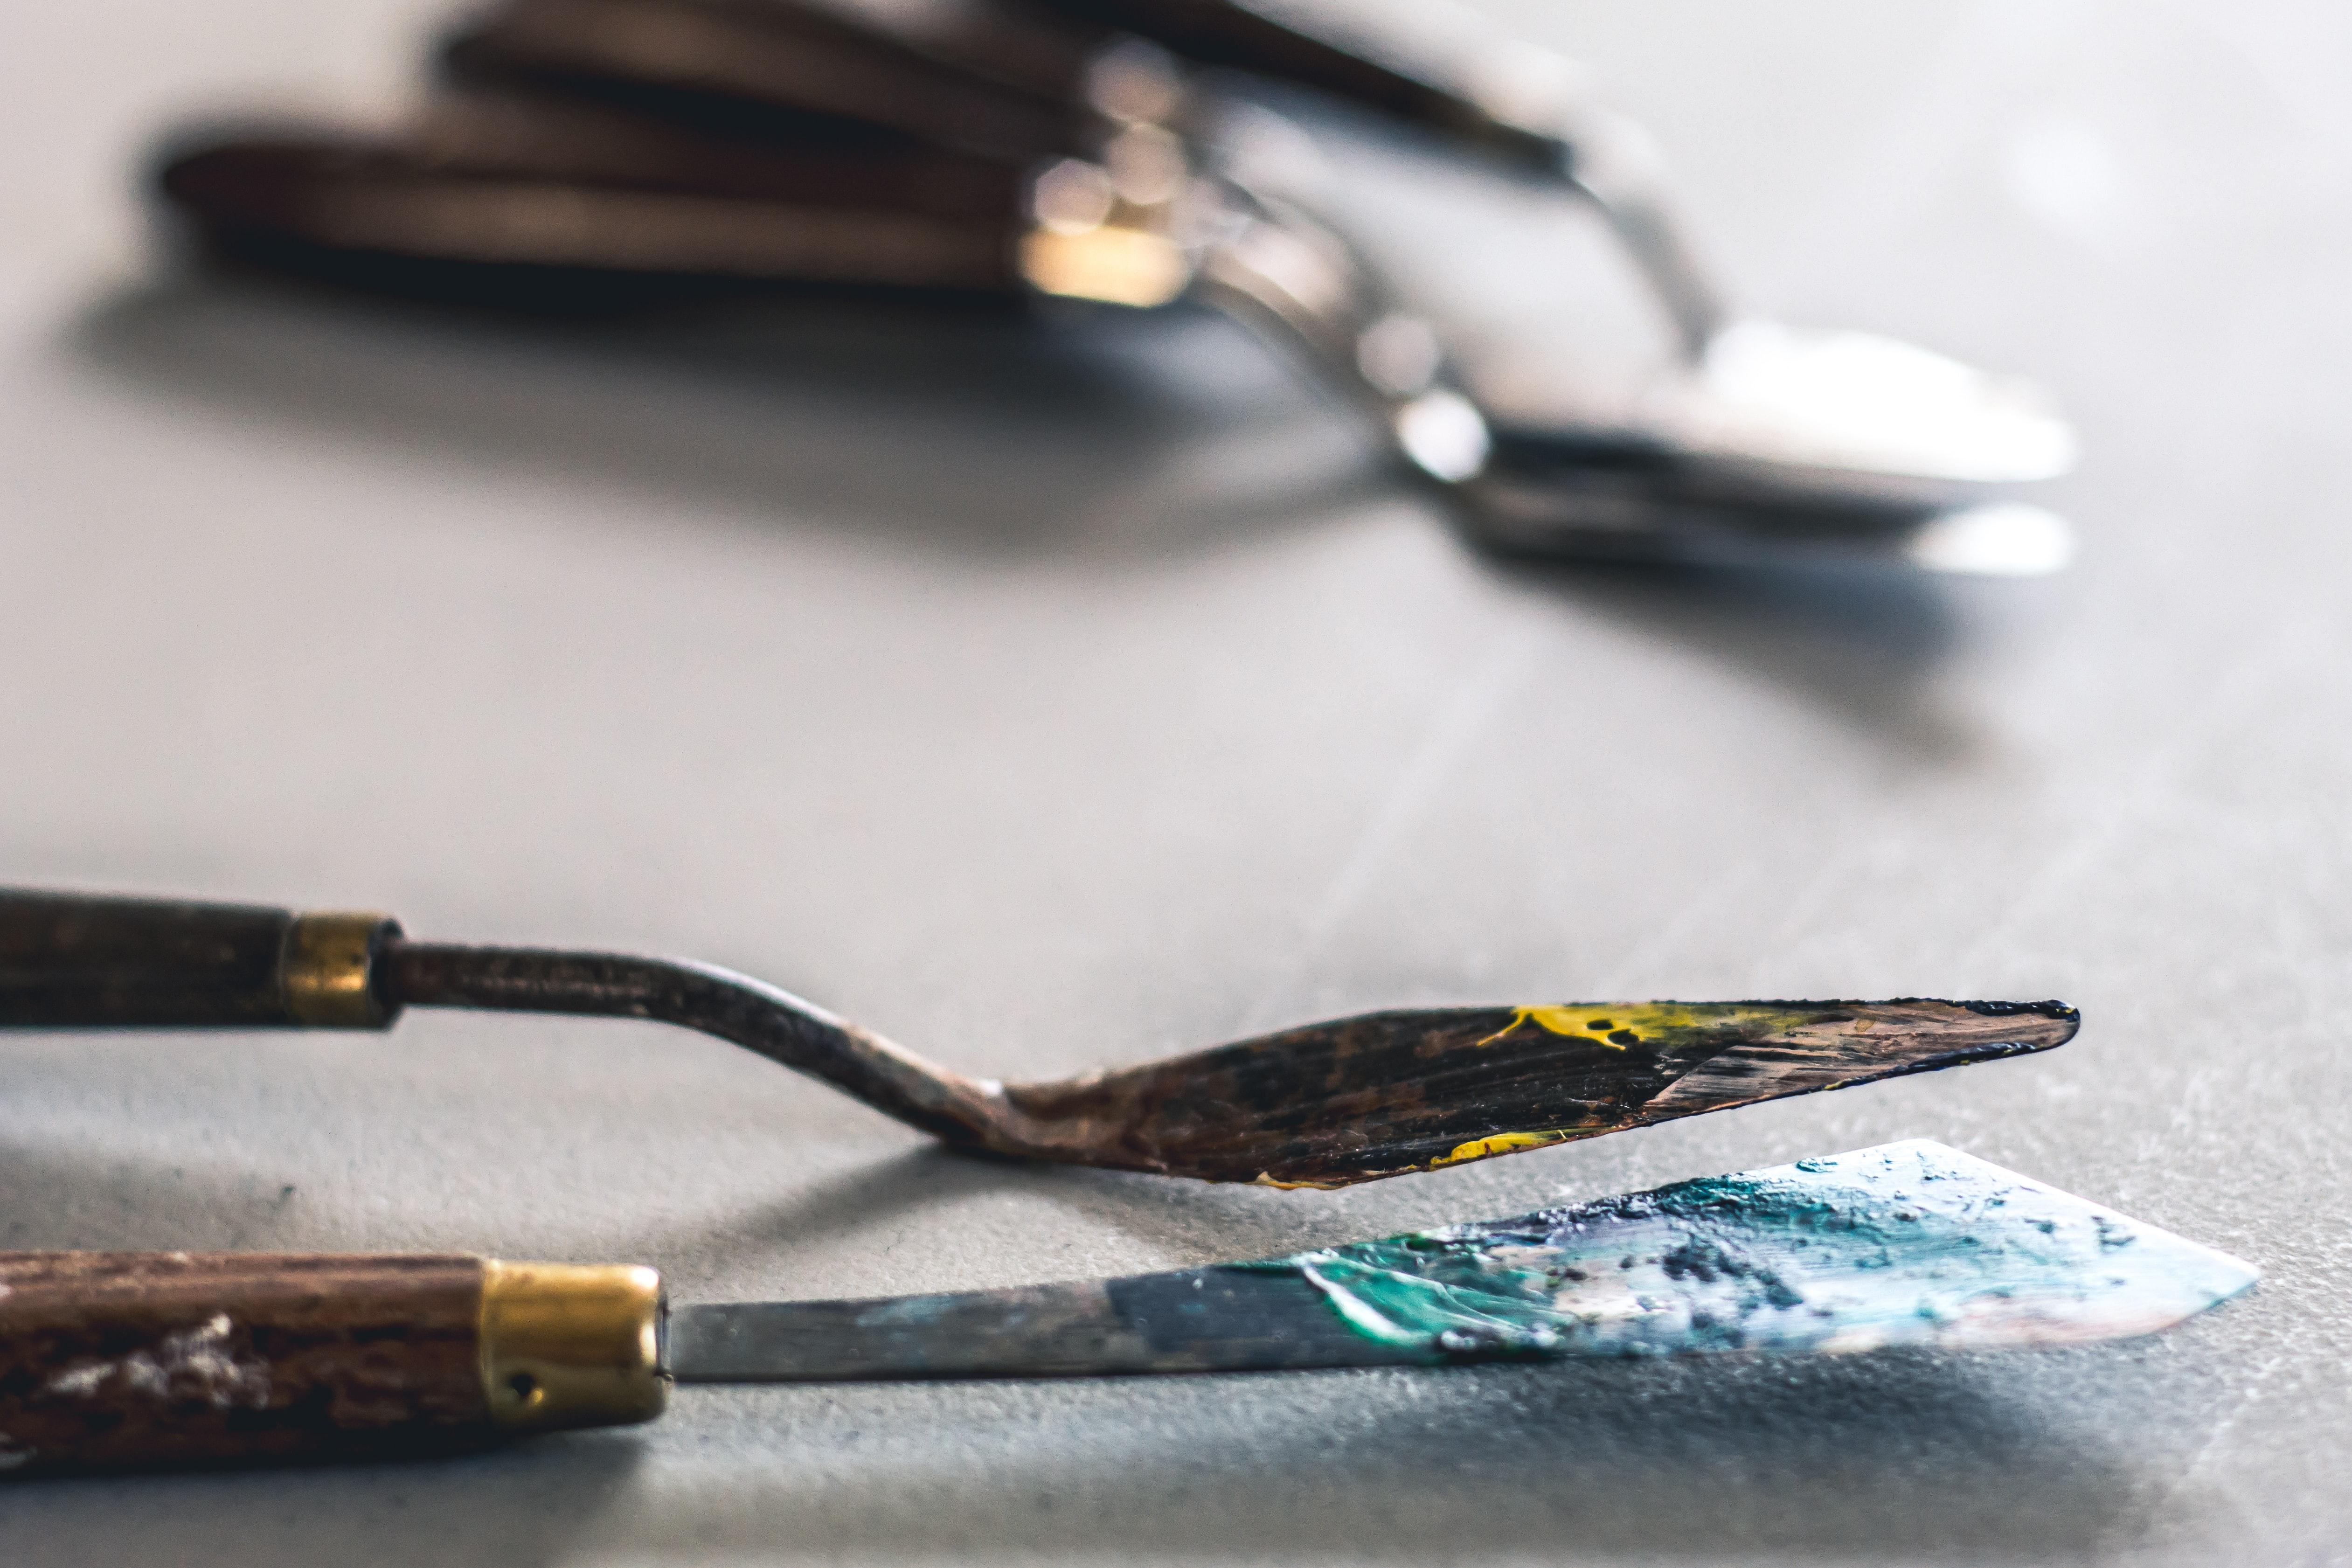 Peindre au couteau: fausse bonne idée ou réelle opportunité?